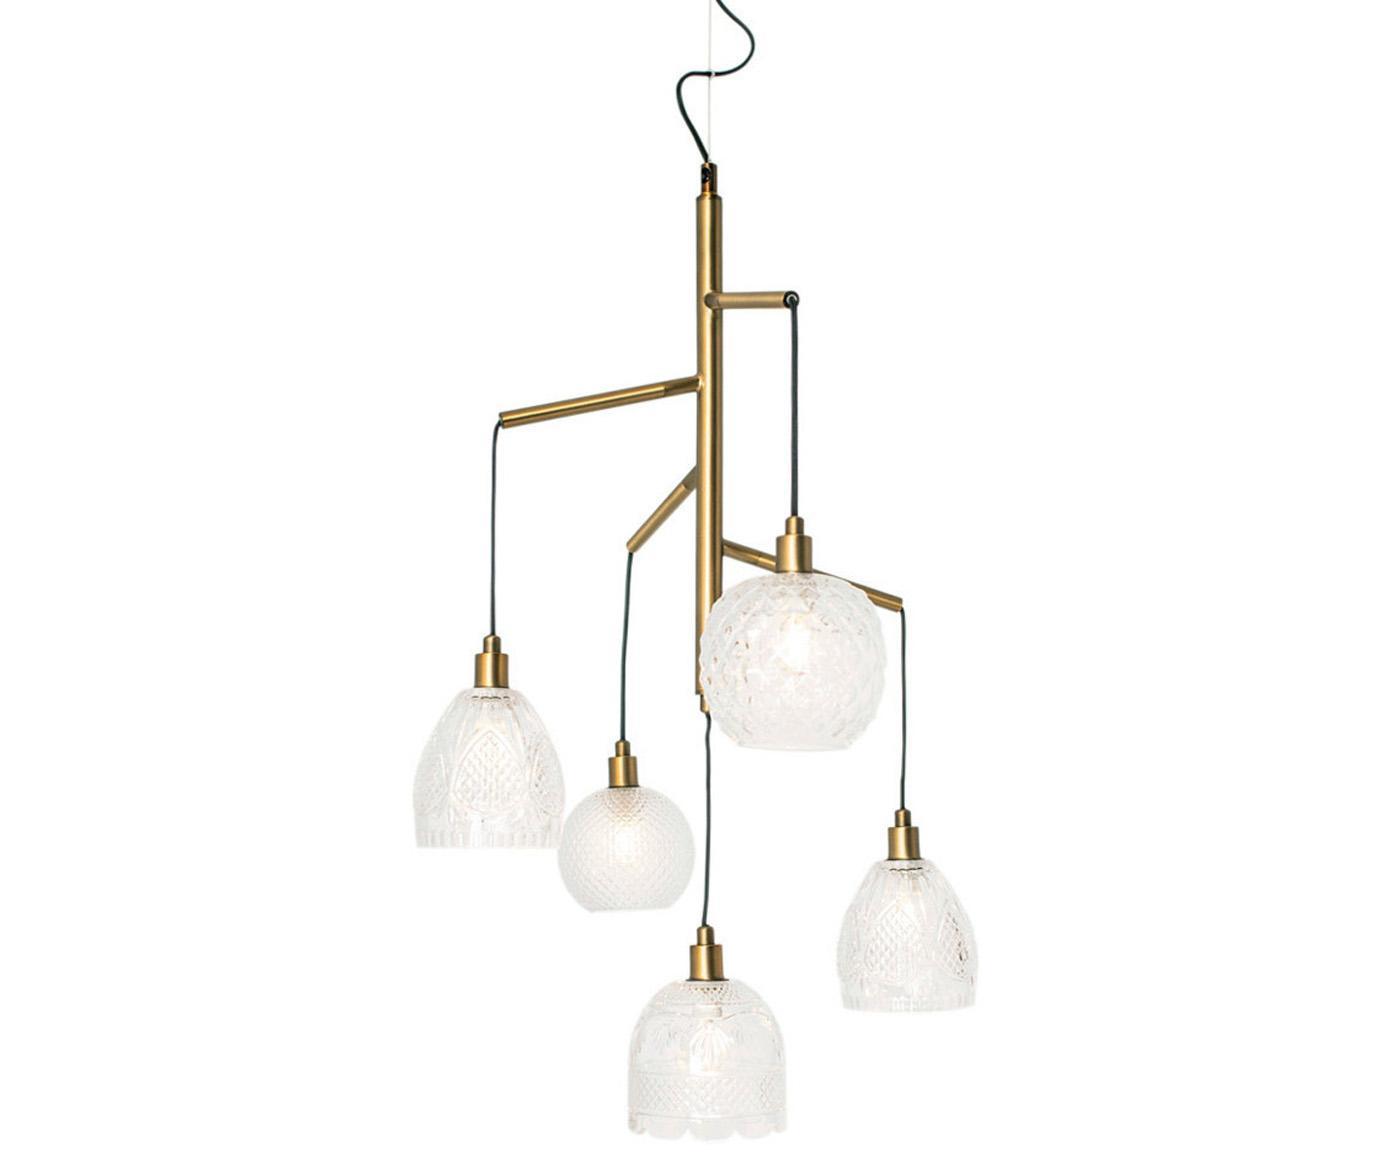 Lámpara de techo Crystal, Pantalla: vidrio, Cable: cubierto en tela, Latón, transparente, negro, Ø 53 x Al 80 cm